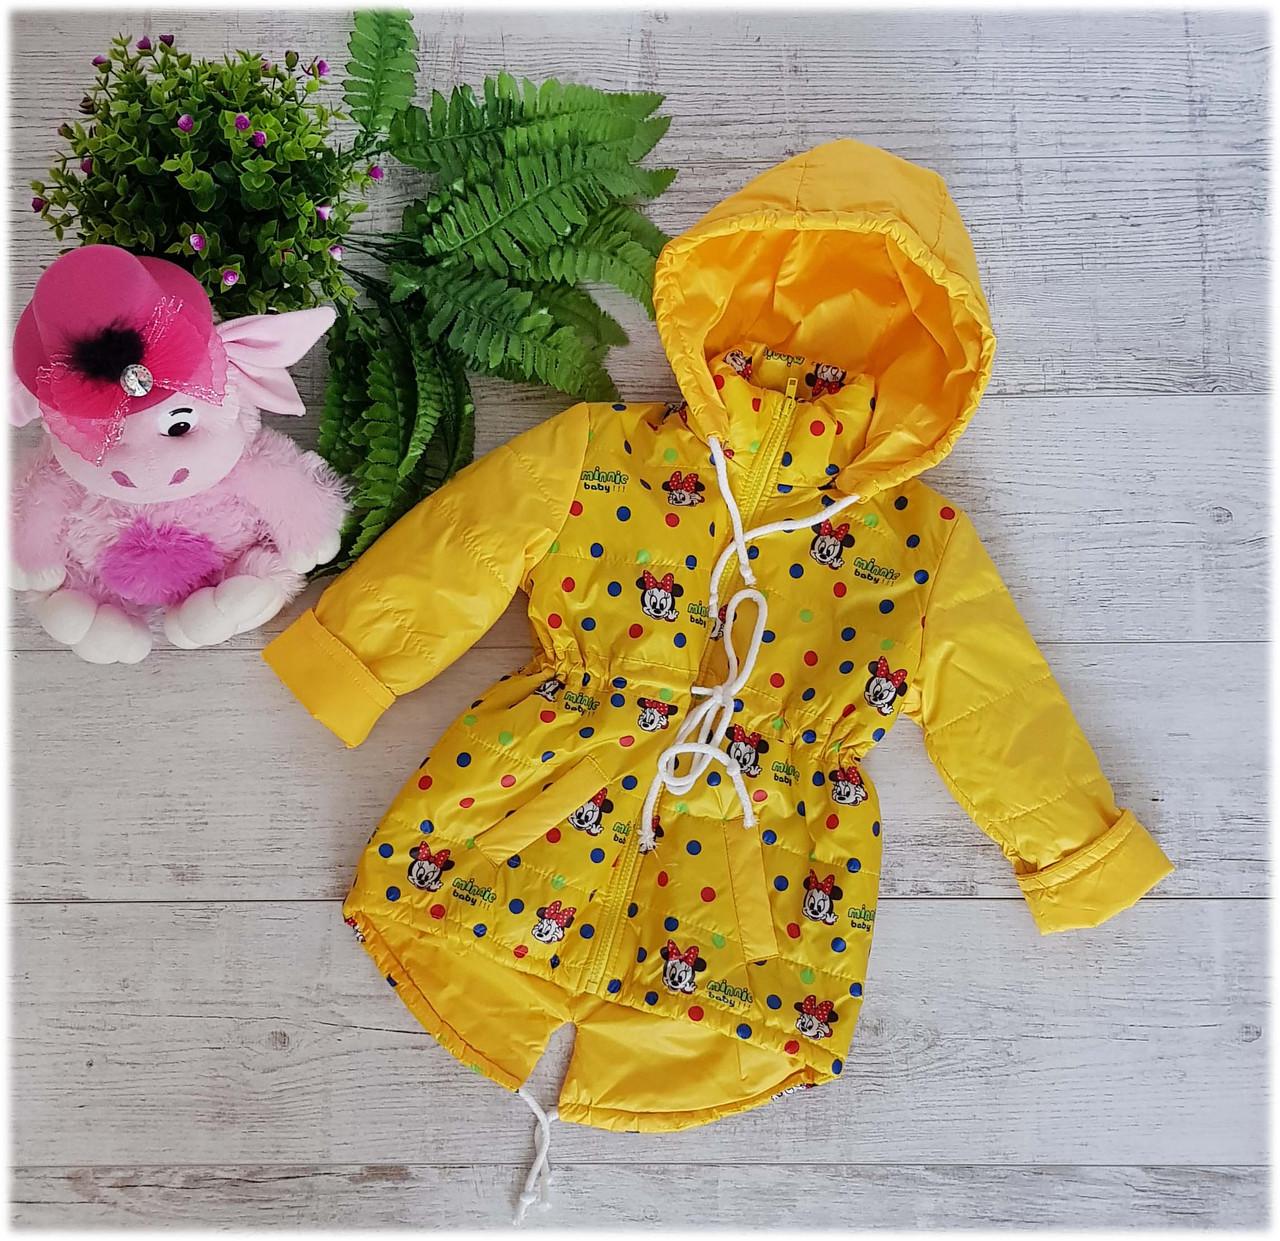 Куртка весна-осень код-2016, размеры 86 см-104 см, лимон минниМаус, фото 1